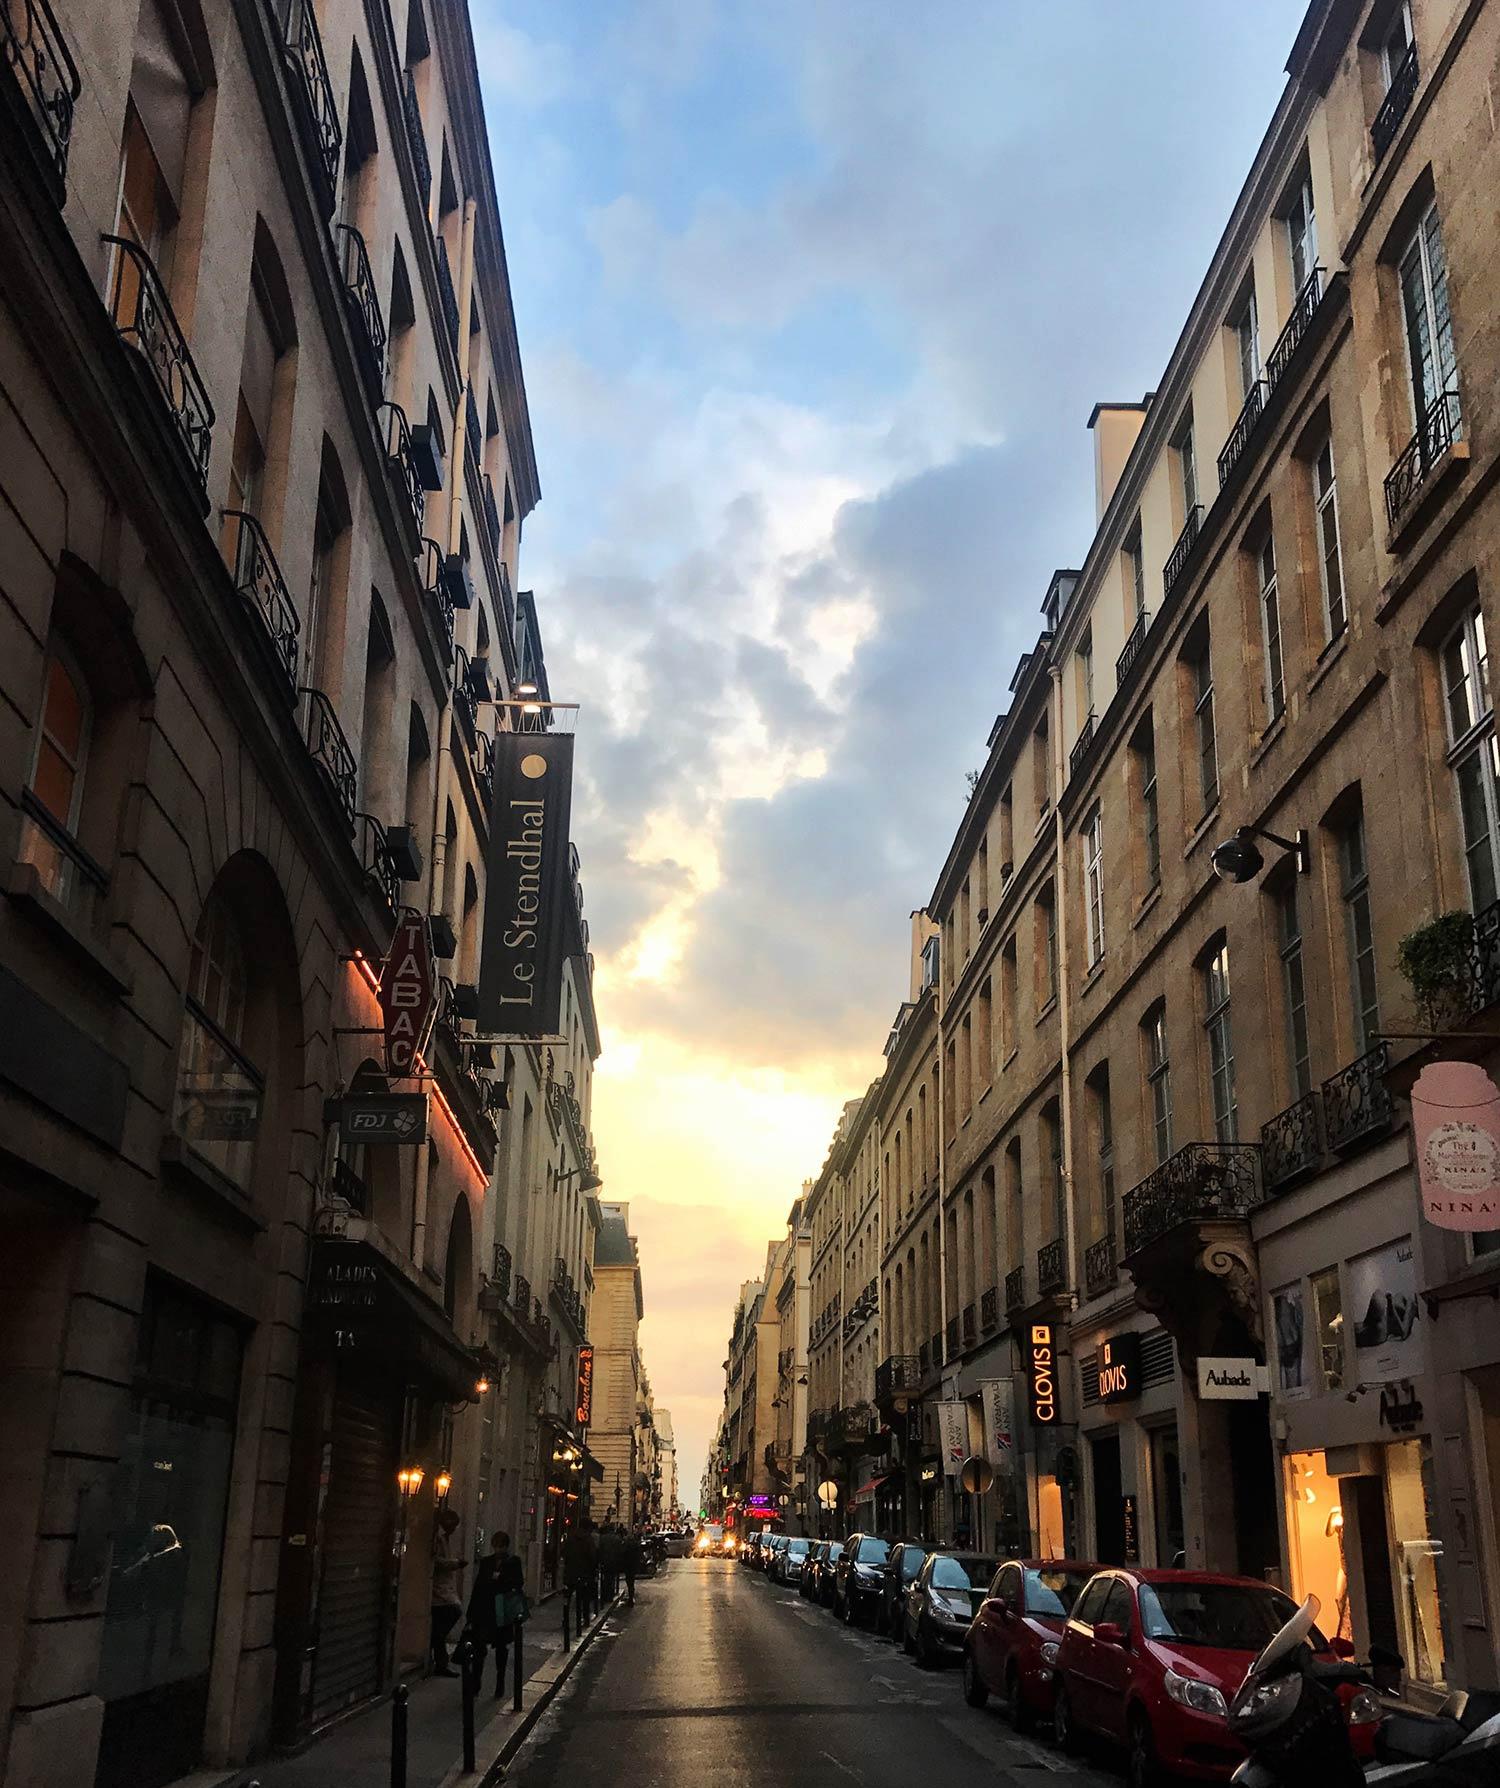 Sunset in Paris. December 2018